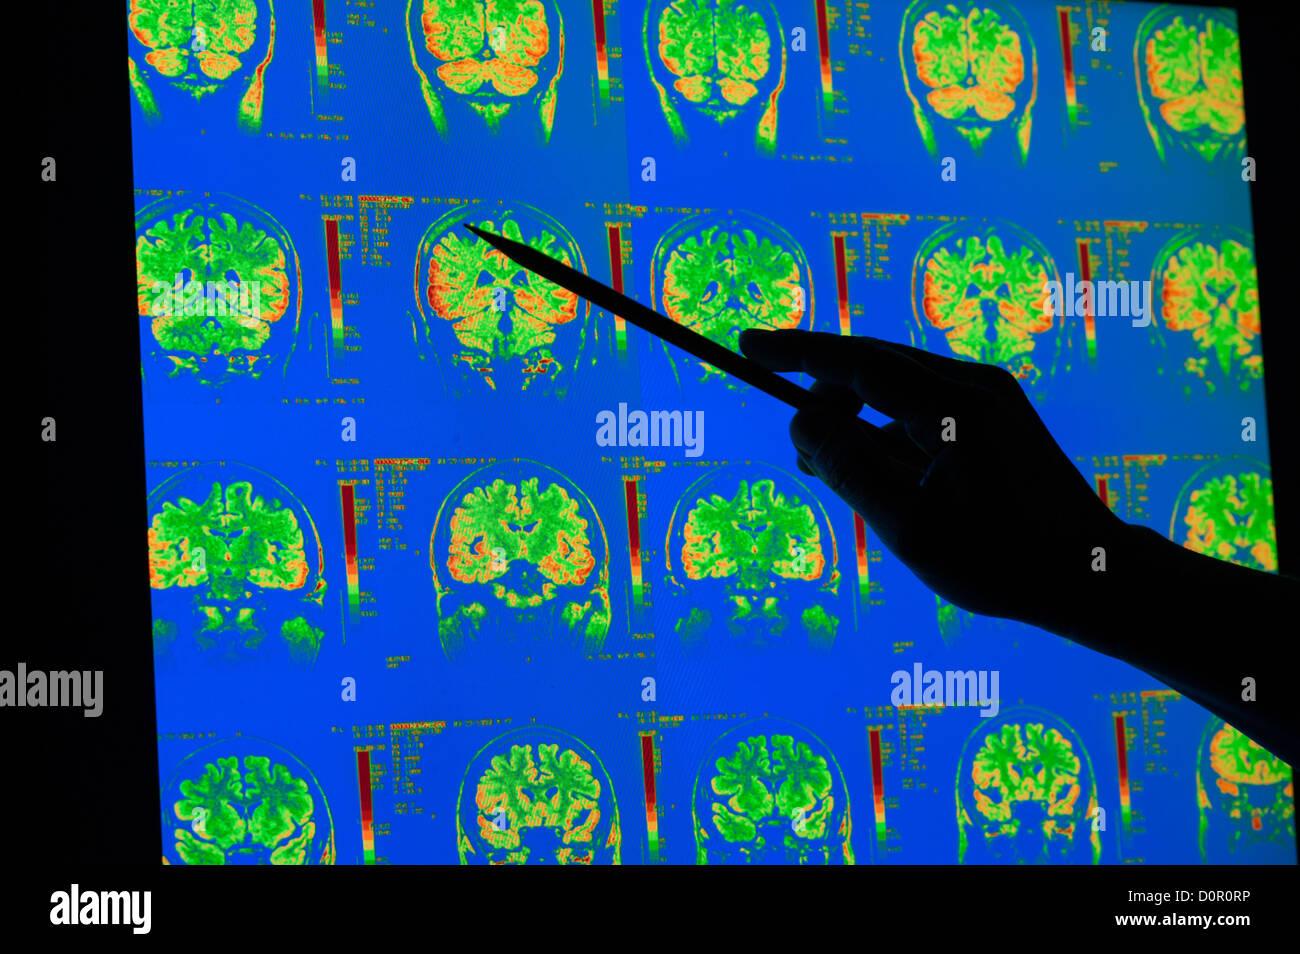 Les rayons colorés de cortex cérébral cervelet IRM du cerveau humain Photo Stock